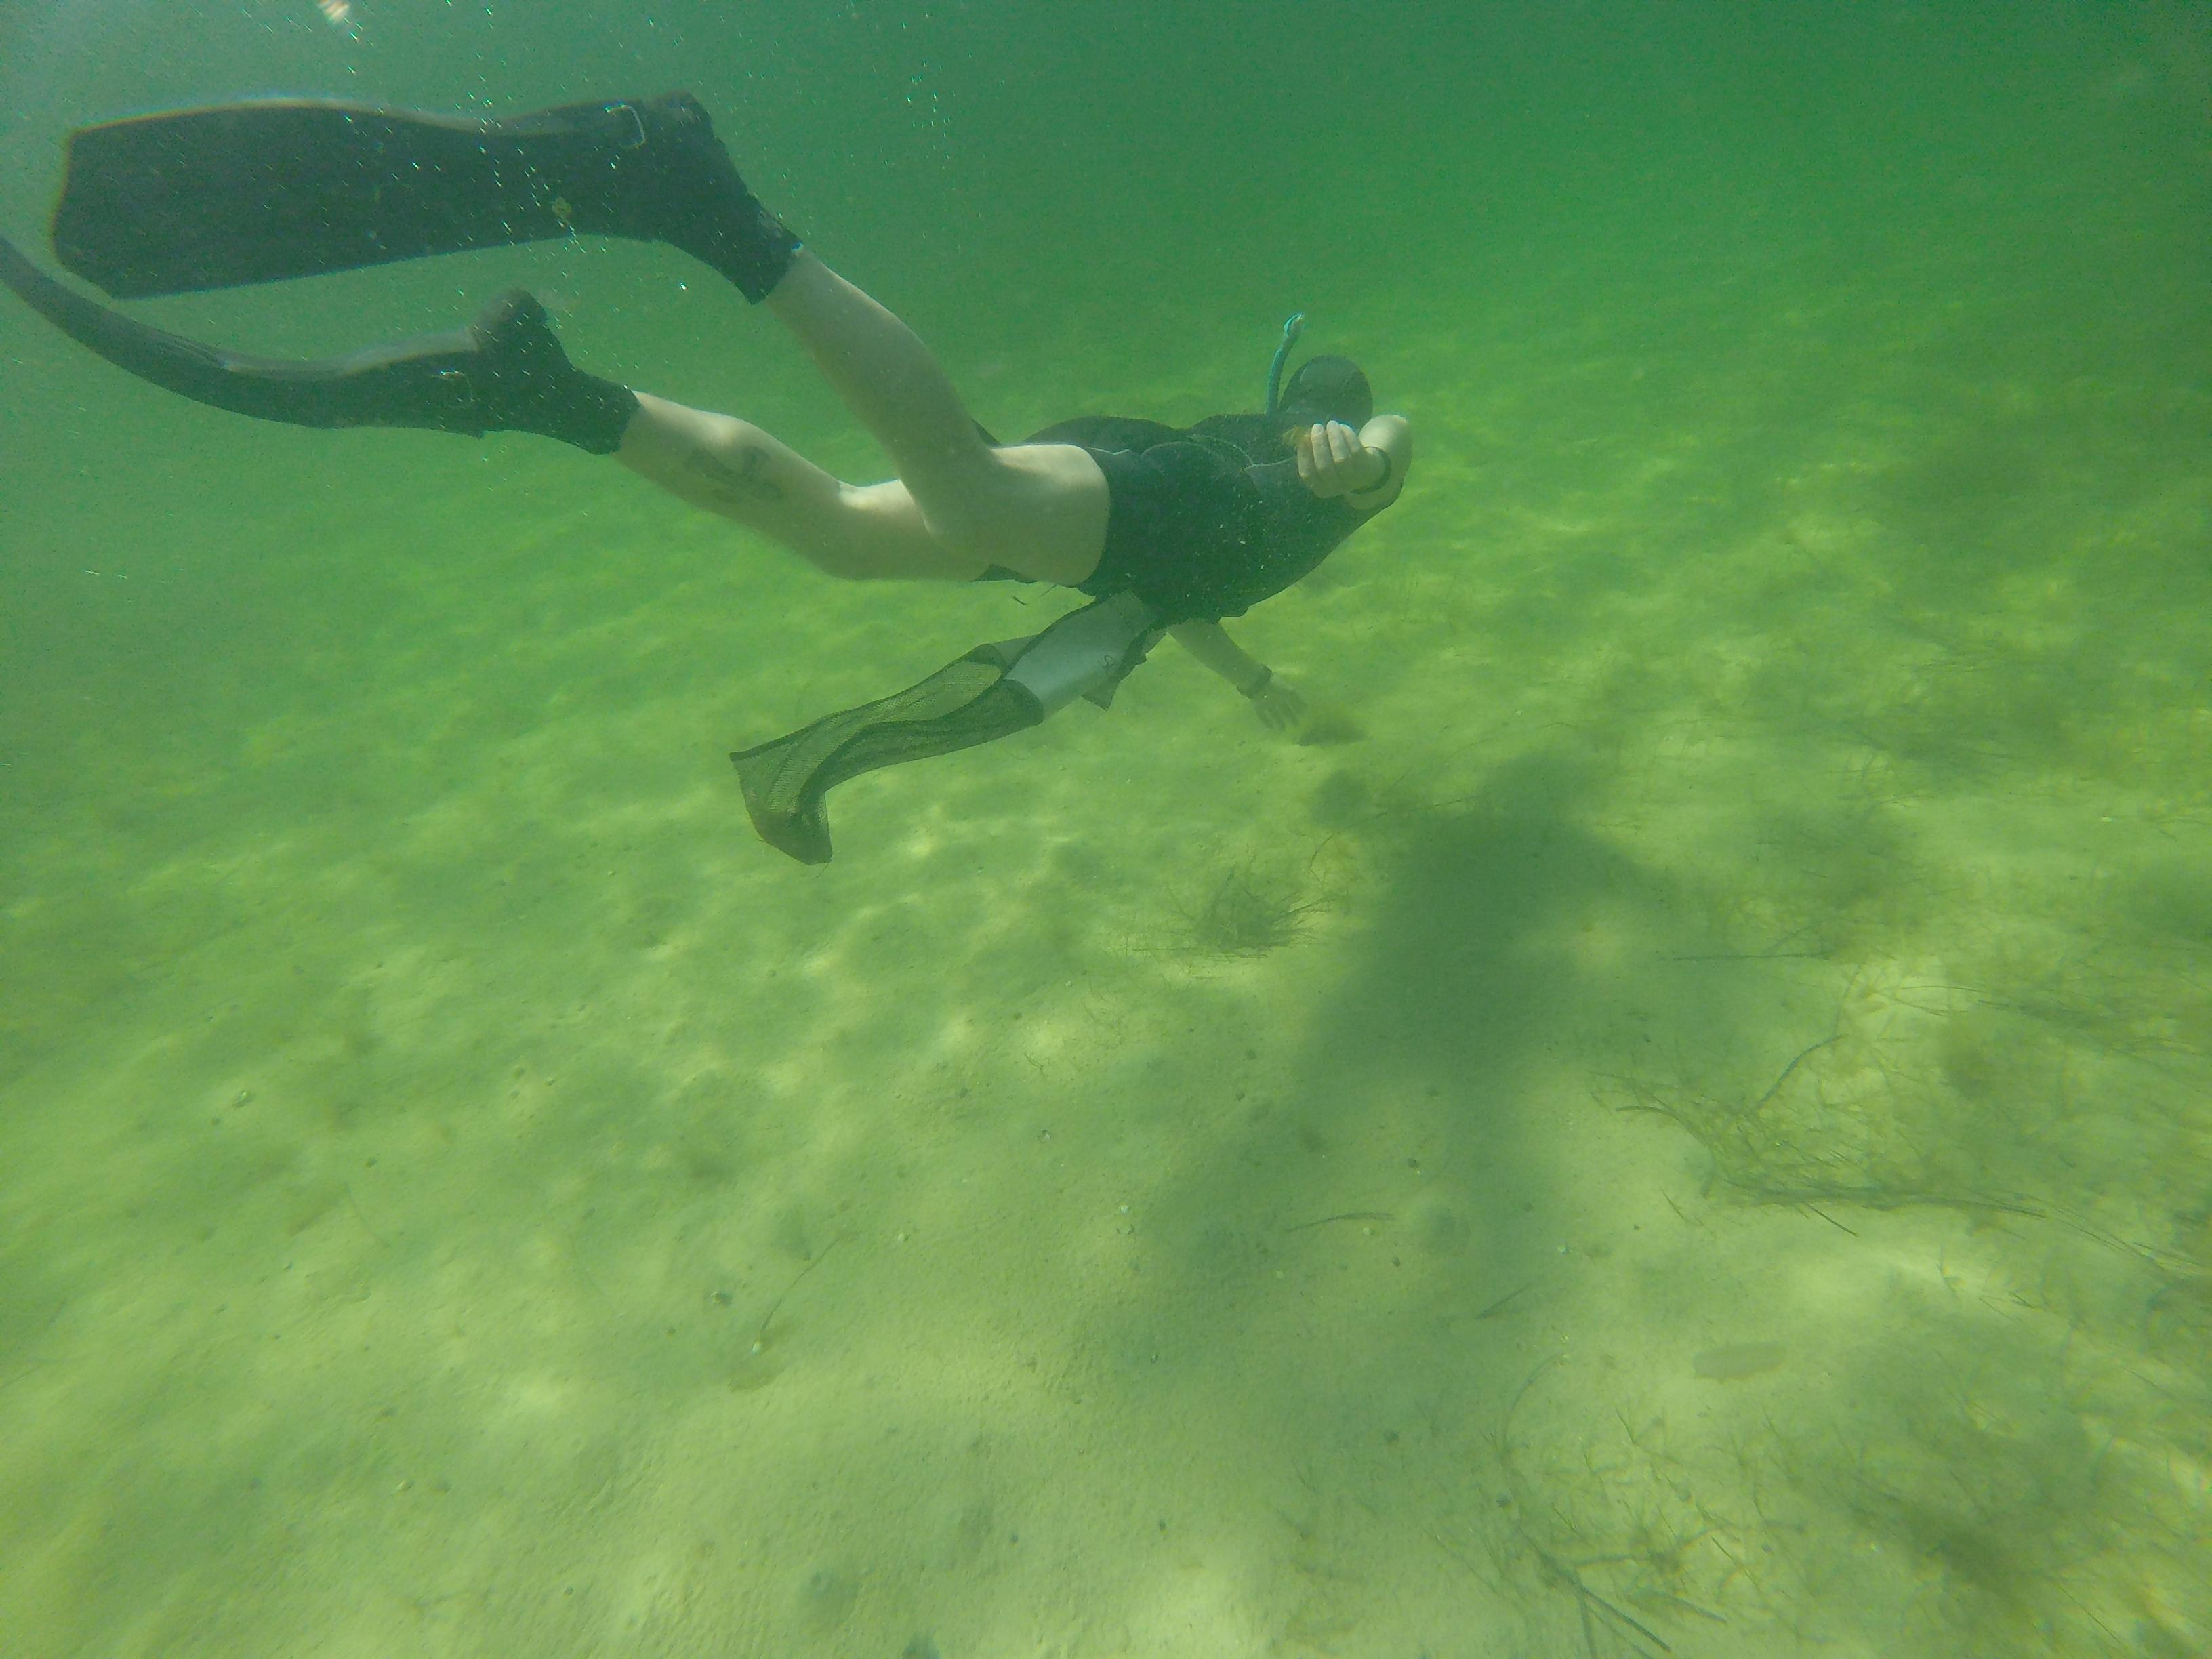 Подводная охота - Обзорное описание